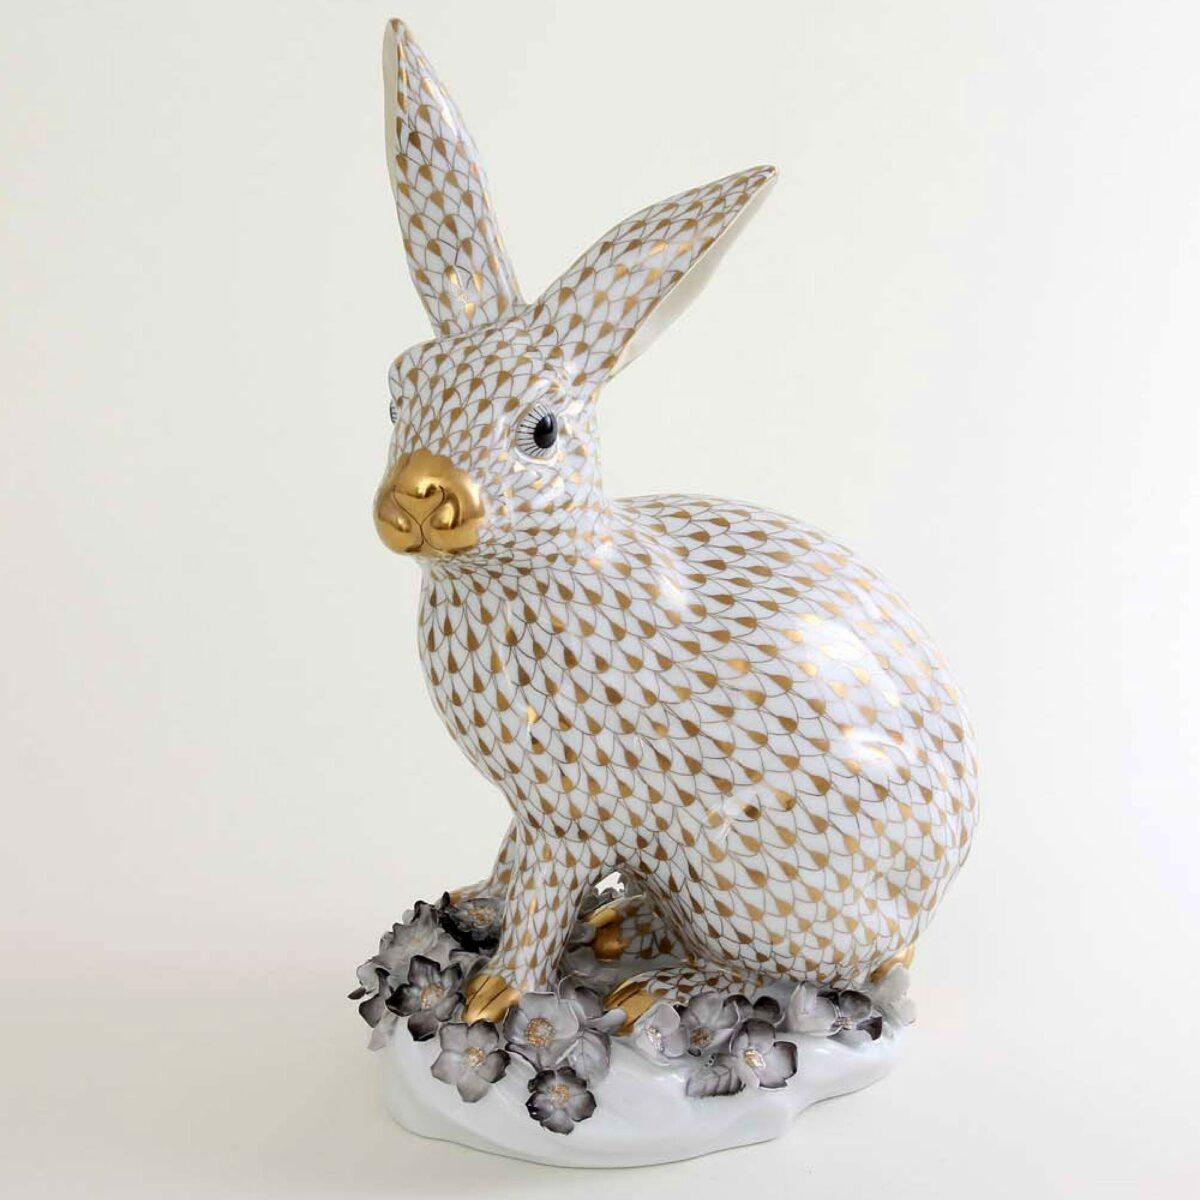 Herend-Rabbit-Gold-Fishnet-Flower-Ornament-05334-0-66 VHOR.